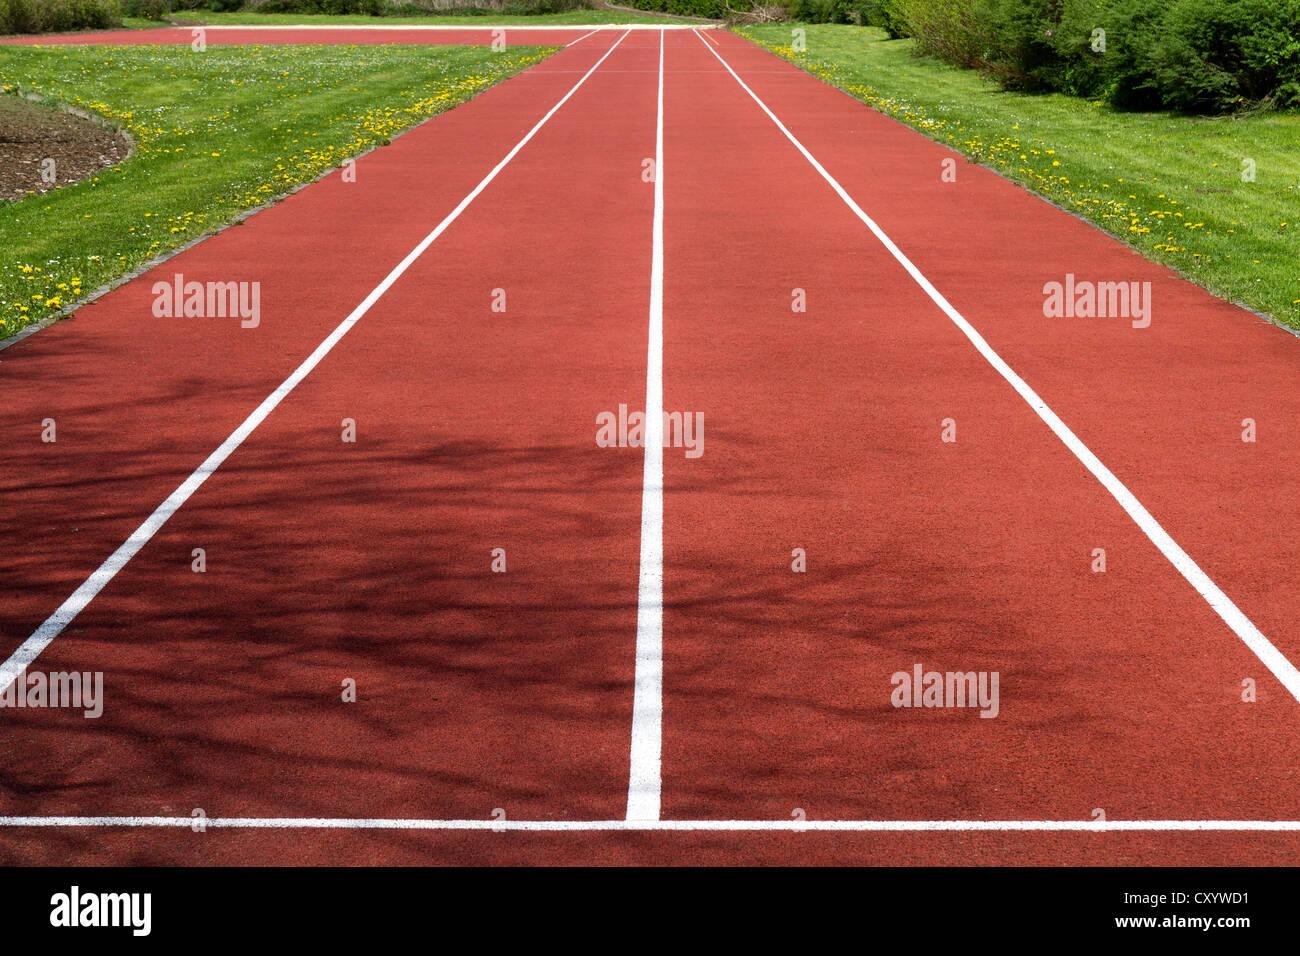 Pista de atletismo con dos carriles Imagen De Stock